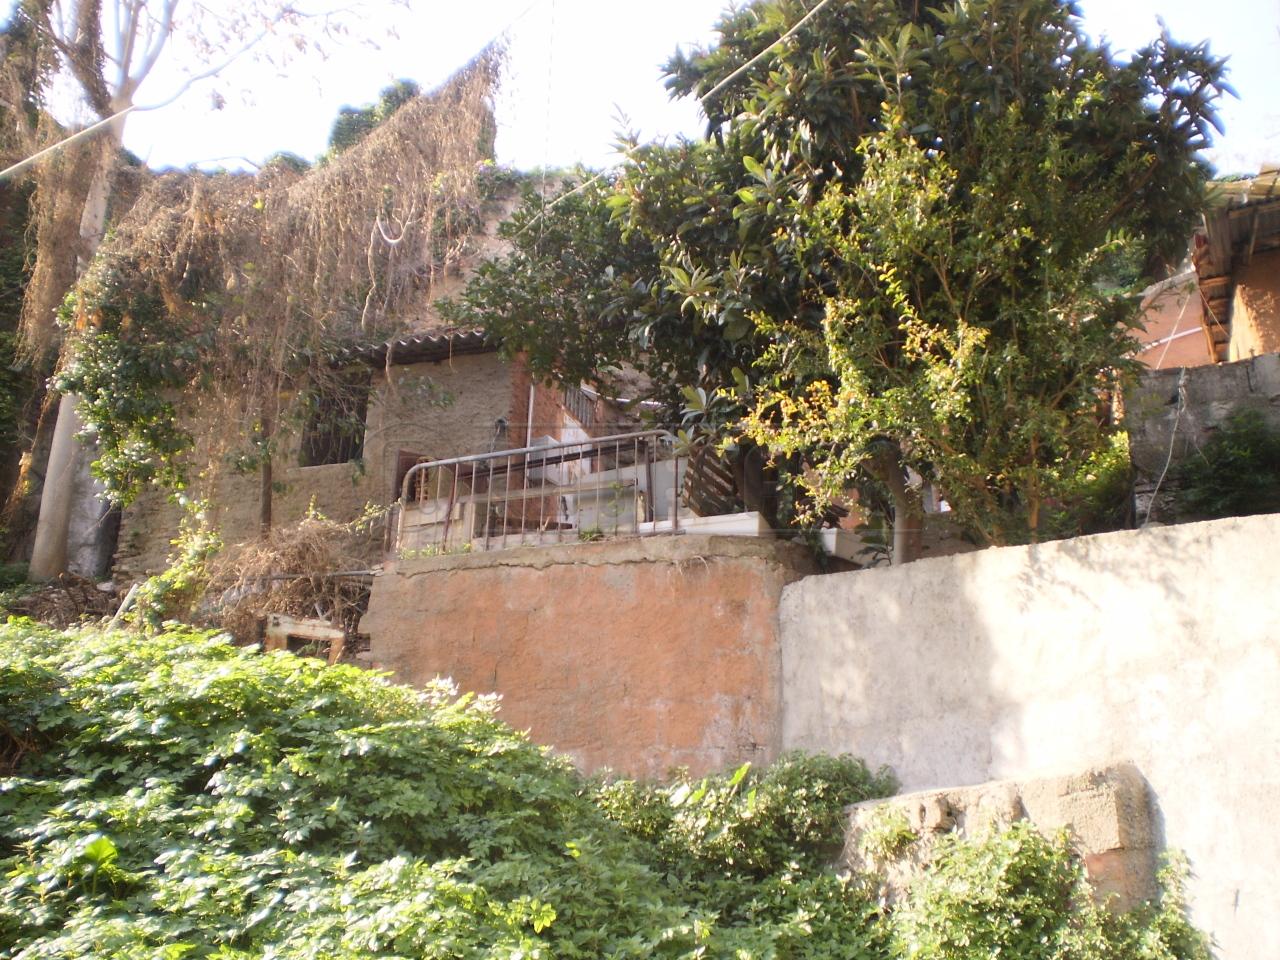 Rustico / Casale in vendita a Messina, 3 locali, prezzo € 25.000 | Cambio Casa.it